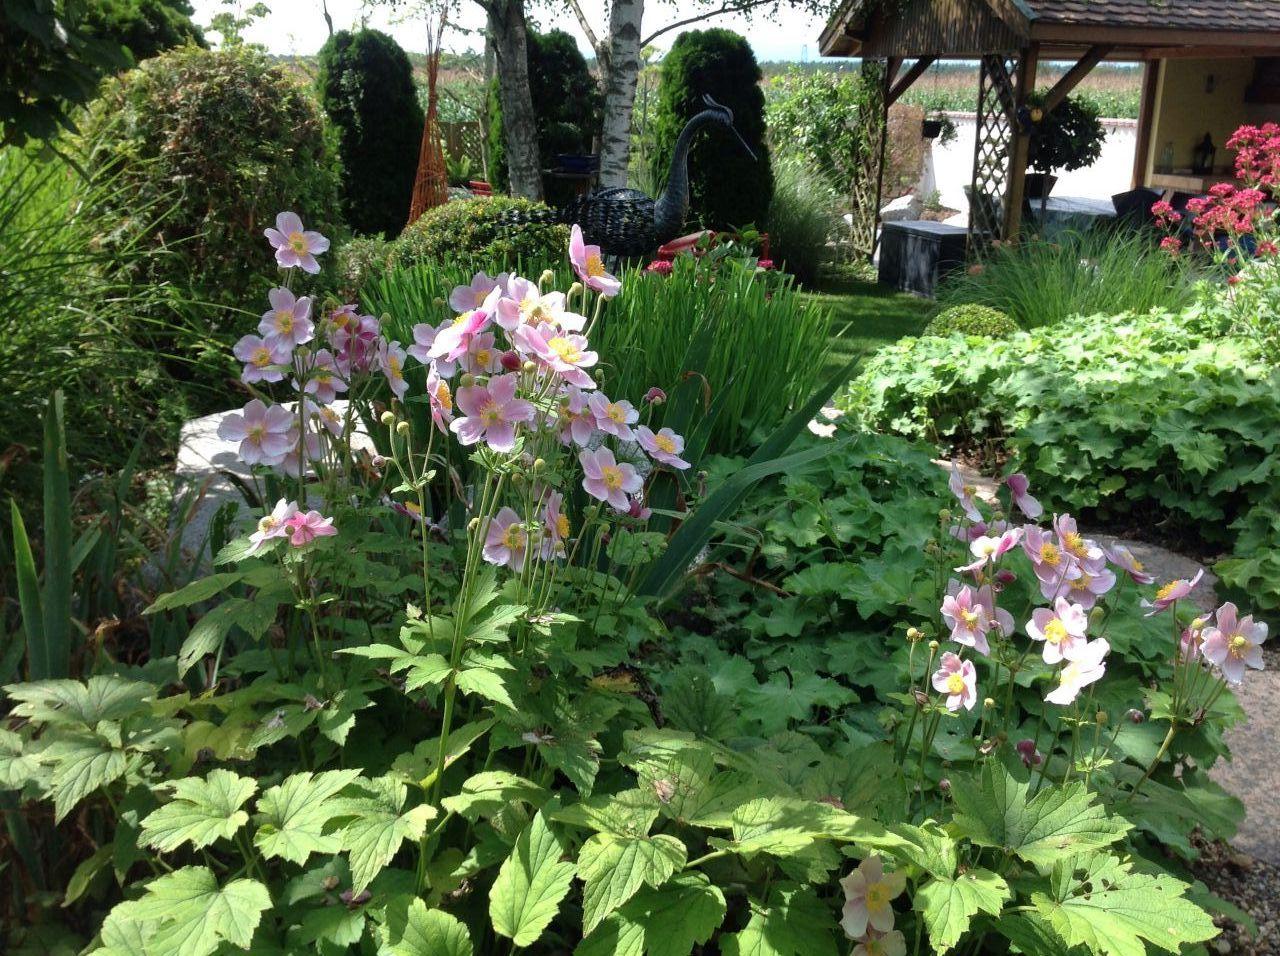 D coration plantes en fleur taille des thyuas haut rhin - Taille des hortensias fleurs ...